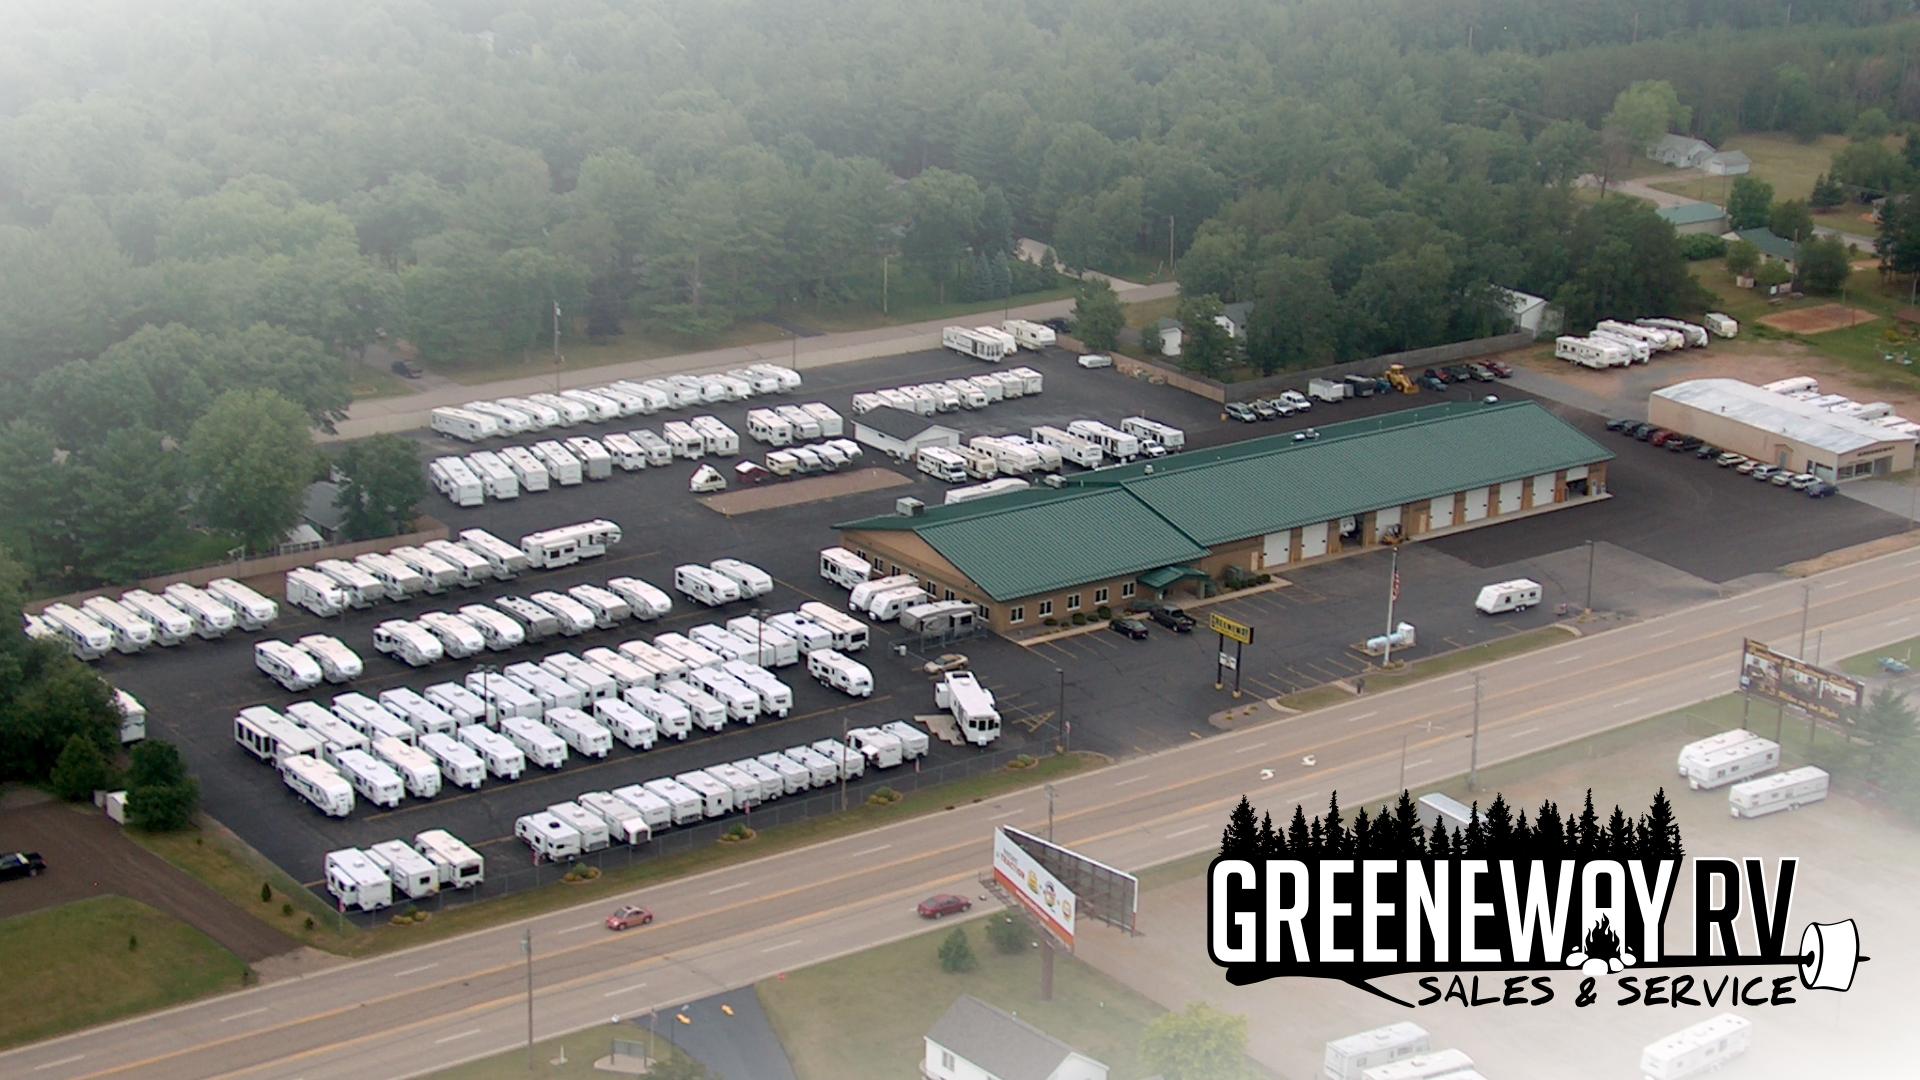 Greeneway RV Aerial View